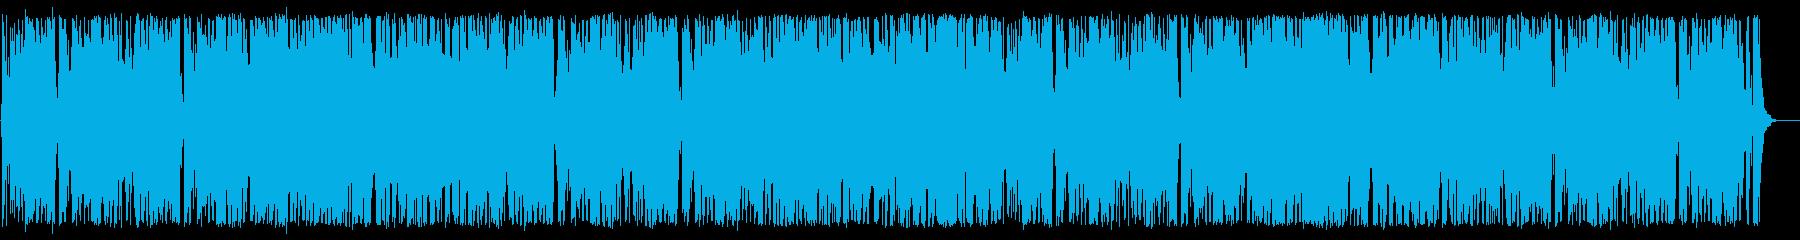 小序曲「くるみ割り人形組曲」よりの再生済みの波形